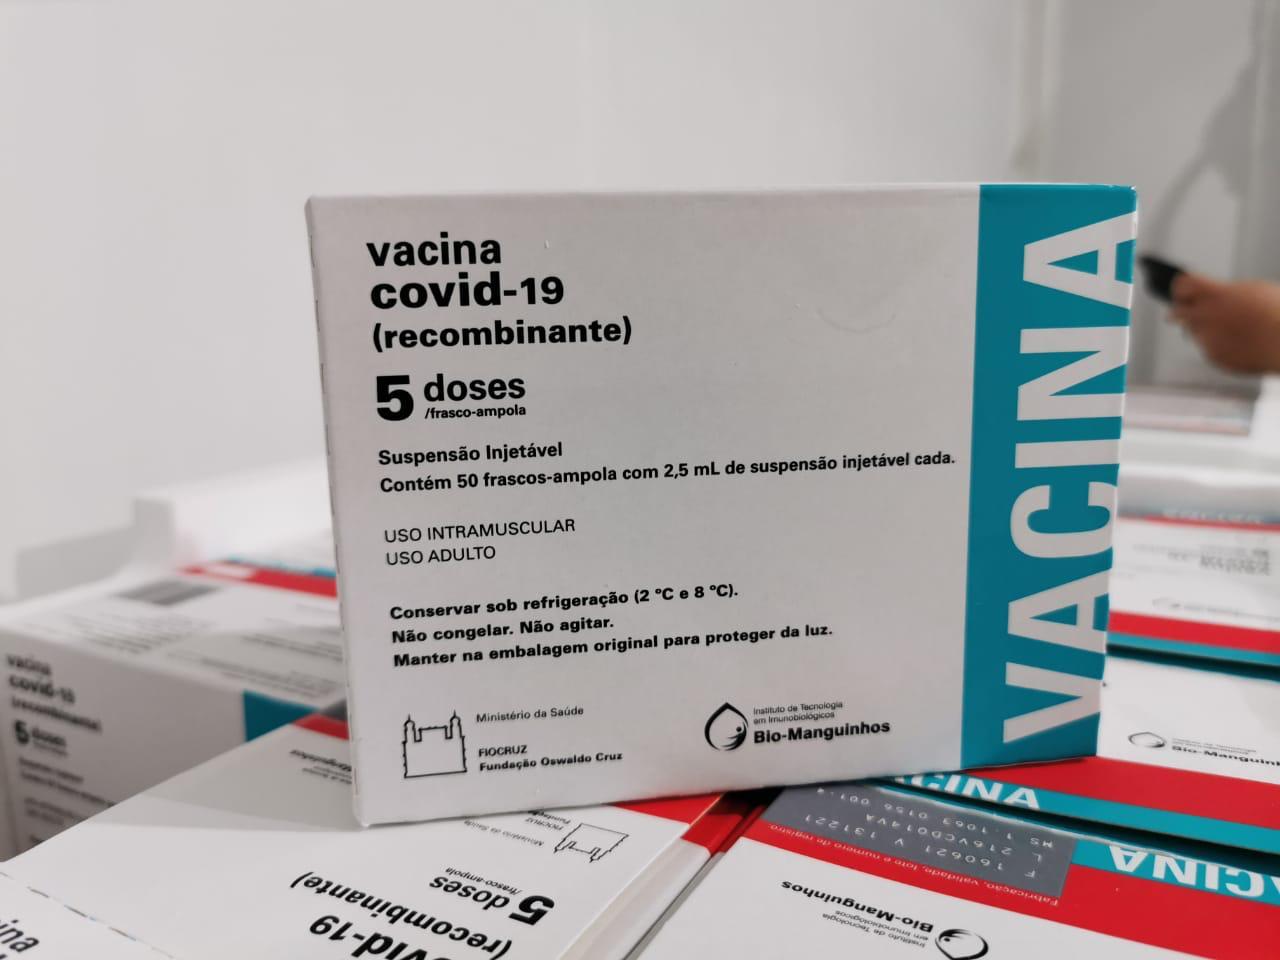 astrazeneca - Paraíba receberá mais de 165 mil doses de vacinas contra a Covid-19 nesta semana